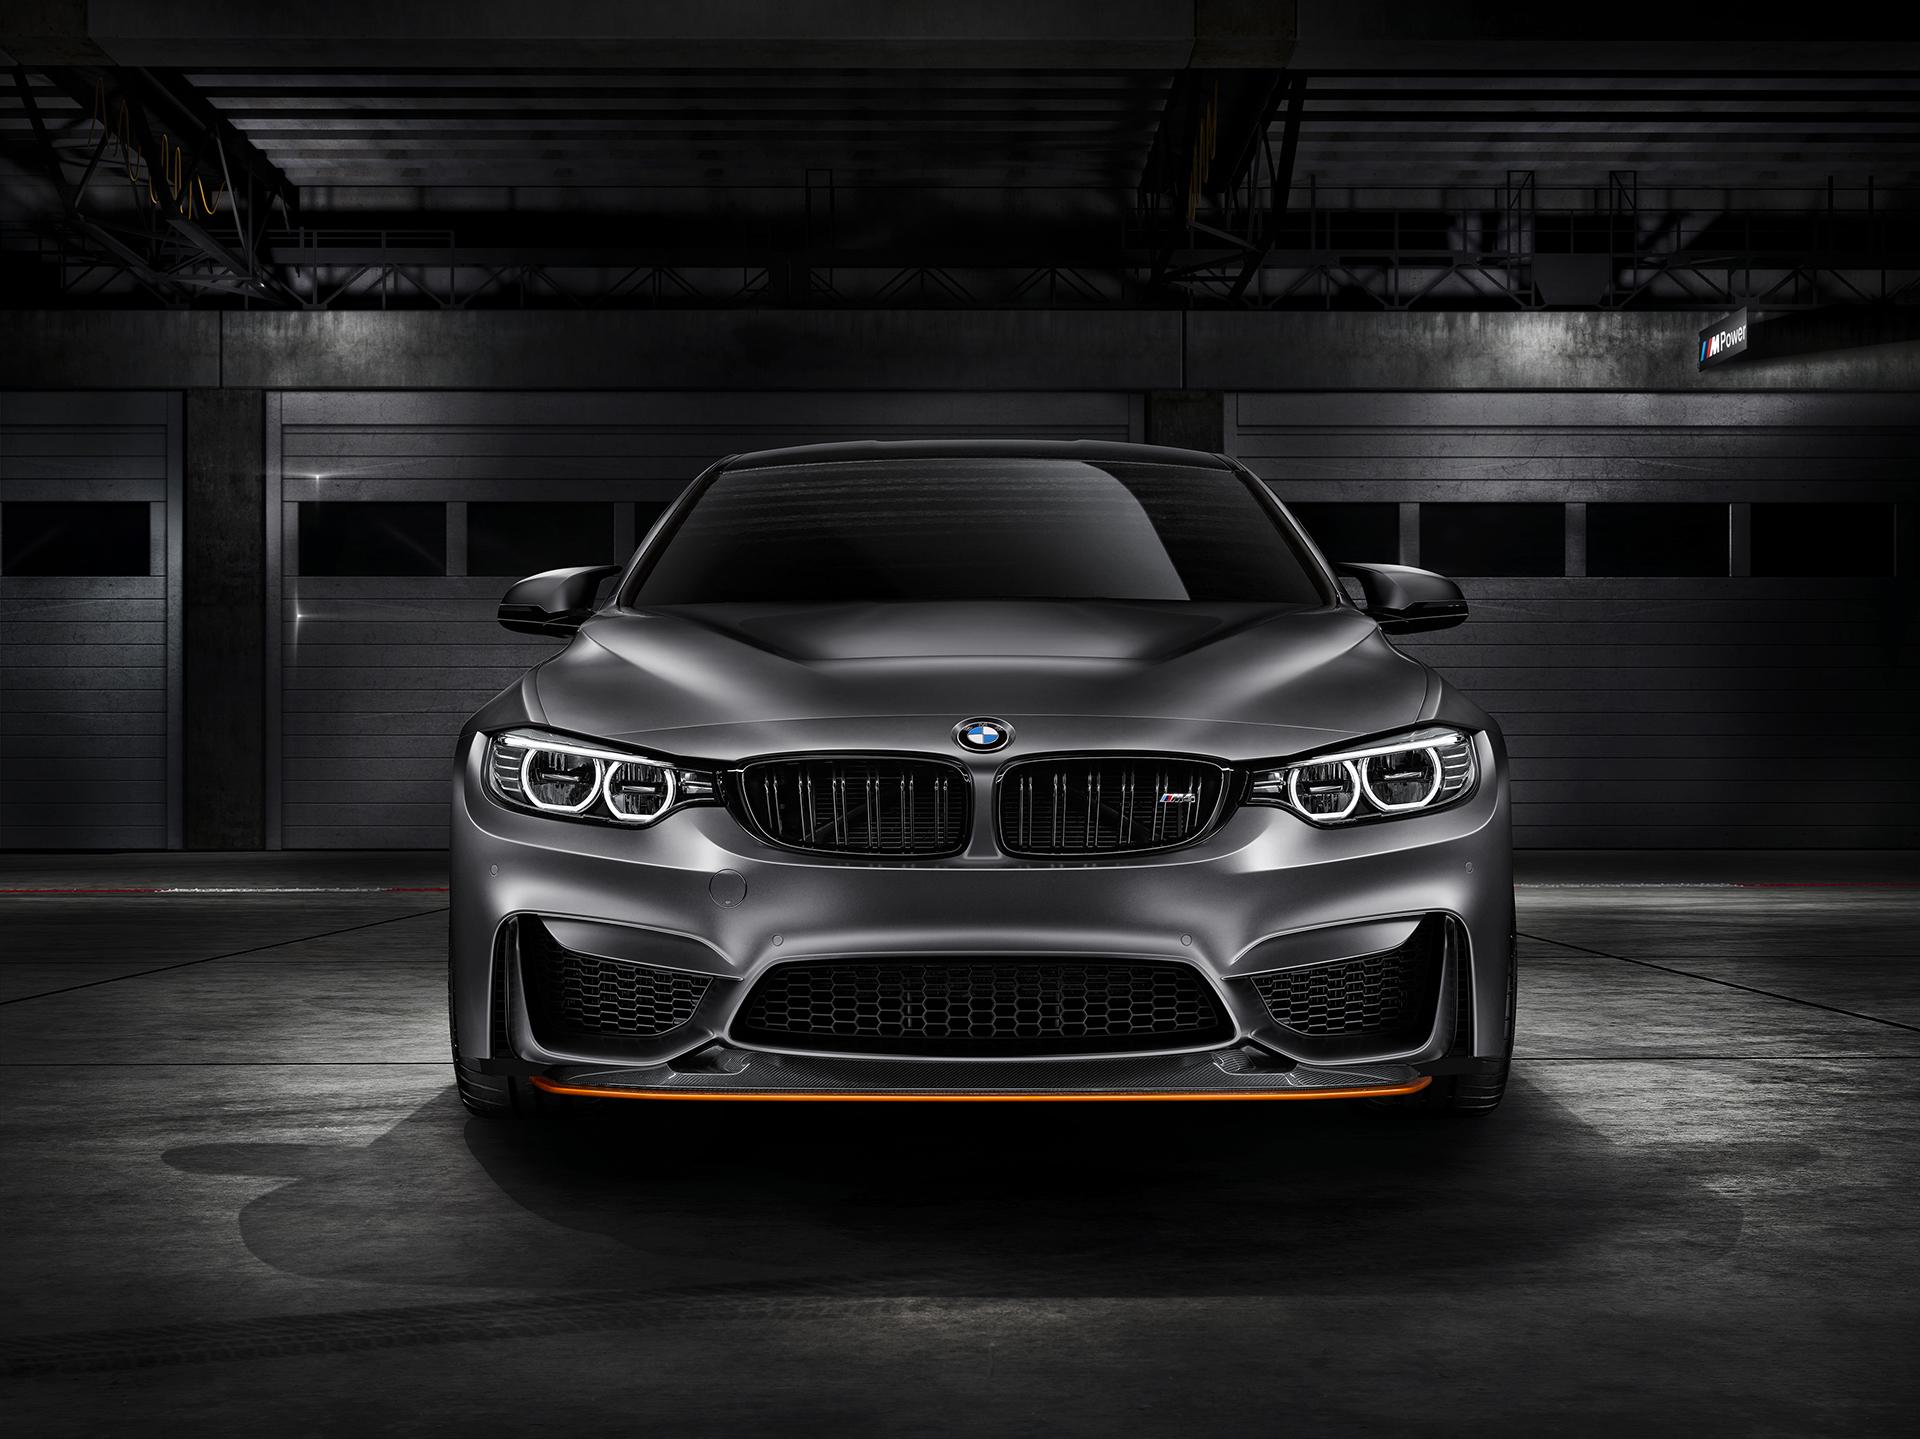 BMW M4 GTS - avant / front